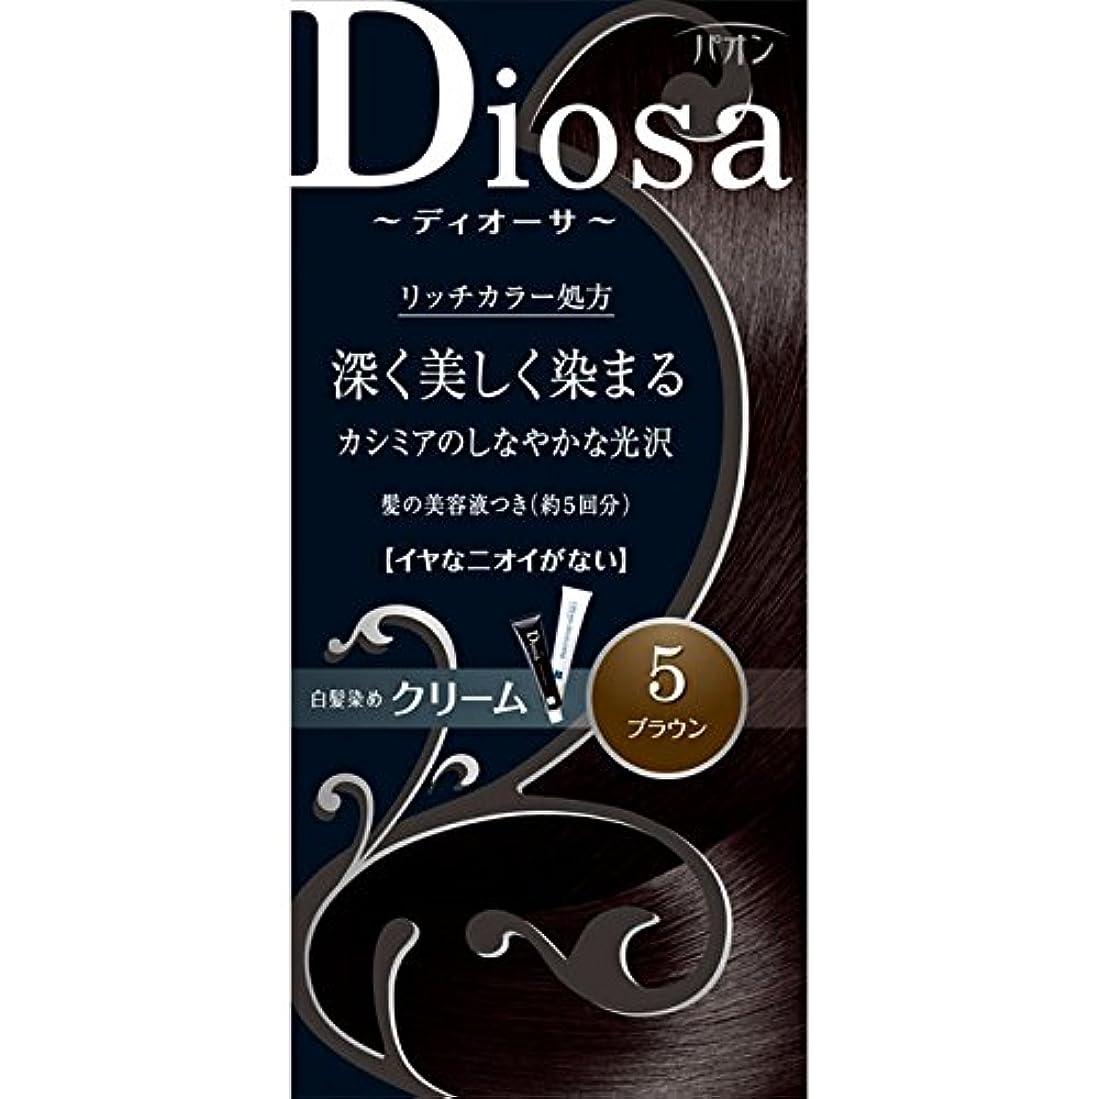 埋め込む鉛間違いヘンケルライオンコスメティックス パオン ディオーサ クリーム 5 ブラウン 40g+40g+10g (医薬部外品)